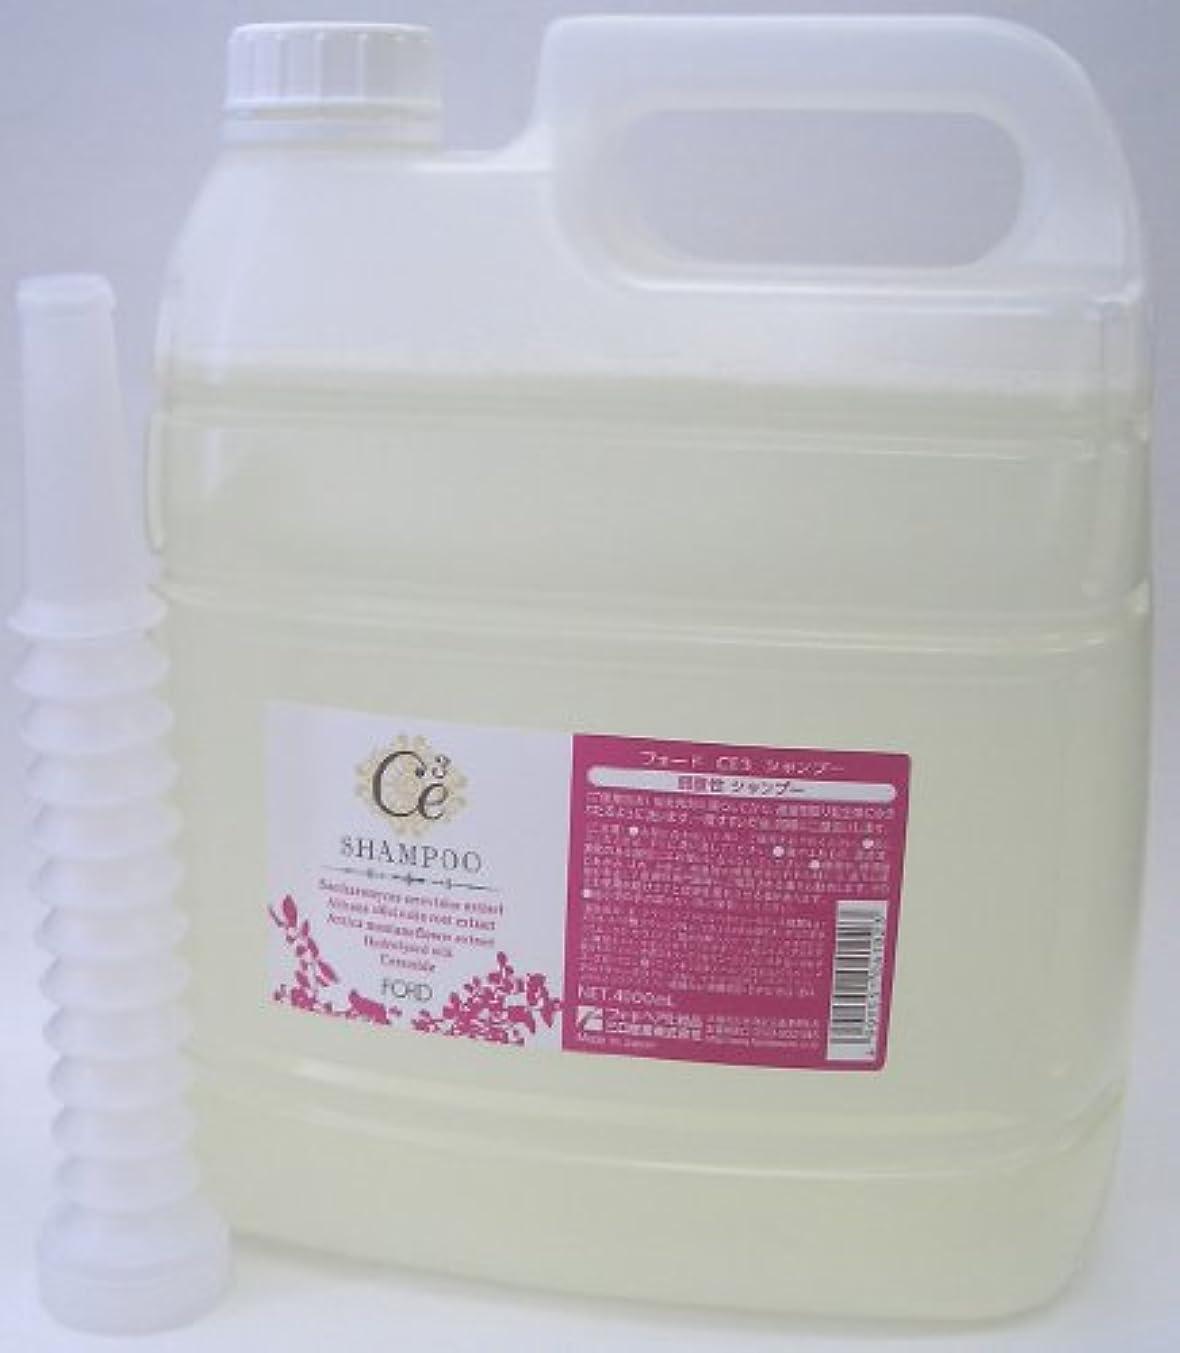 灰酒統治するフォードヘア化粧品 CE3シャンプー 業務用4000ml